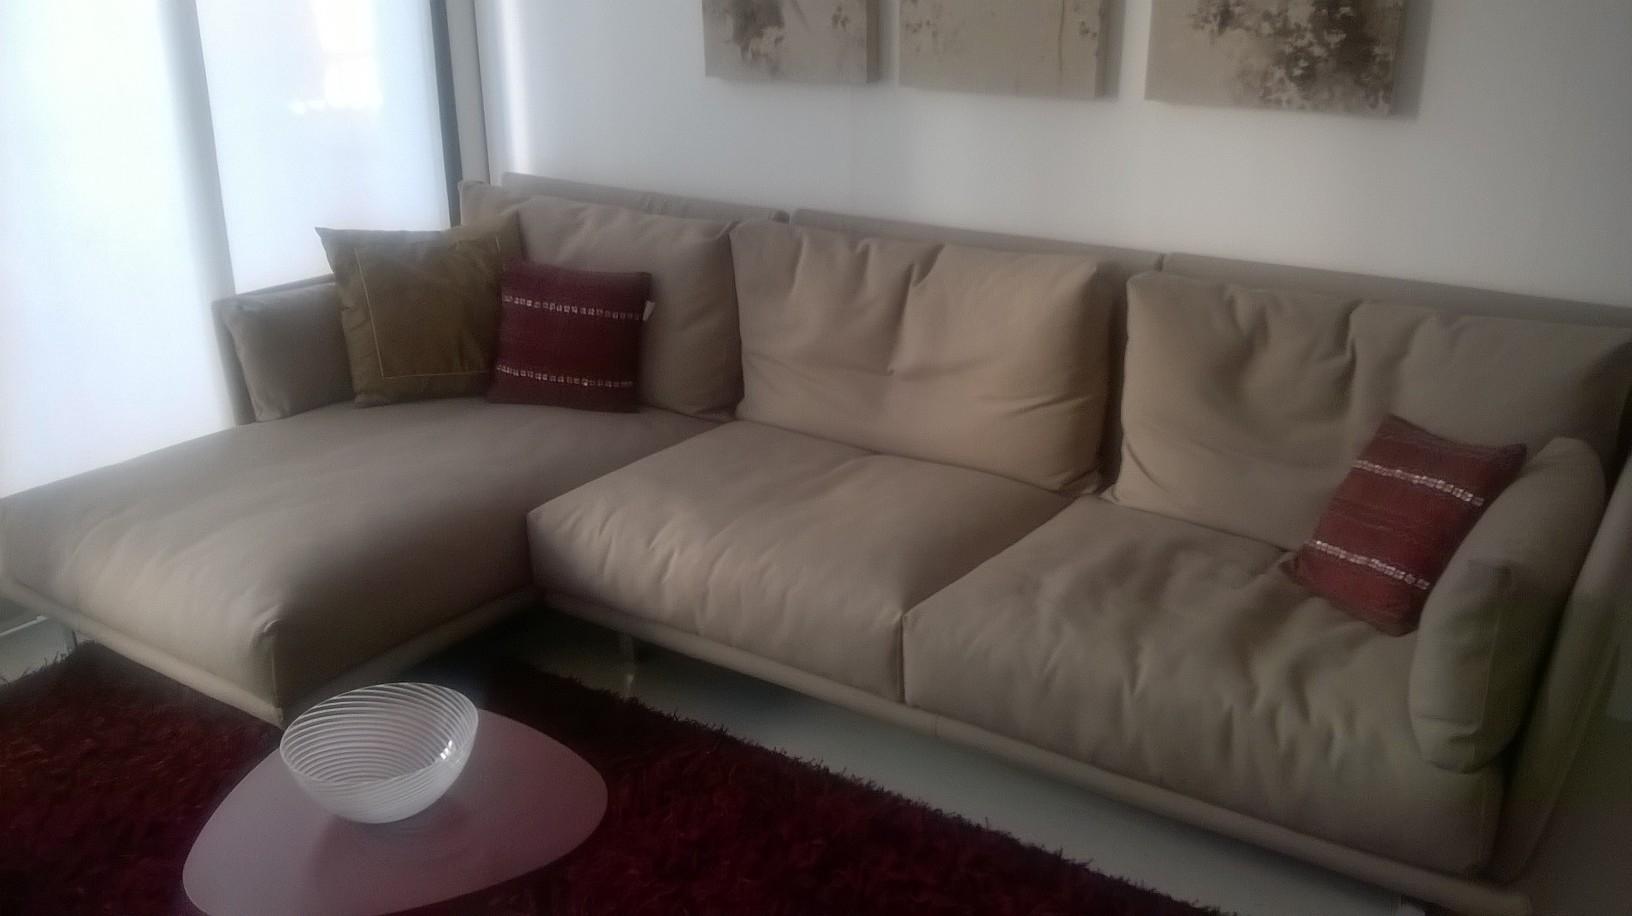 Divano arflex nest scontato del 63 divani a prezzi - Altezza schienale divano ...